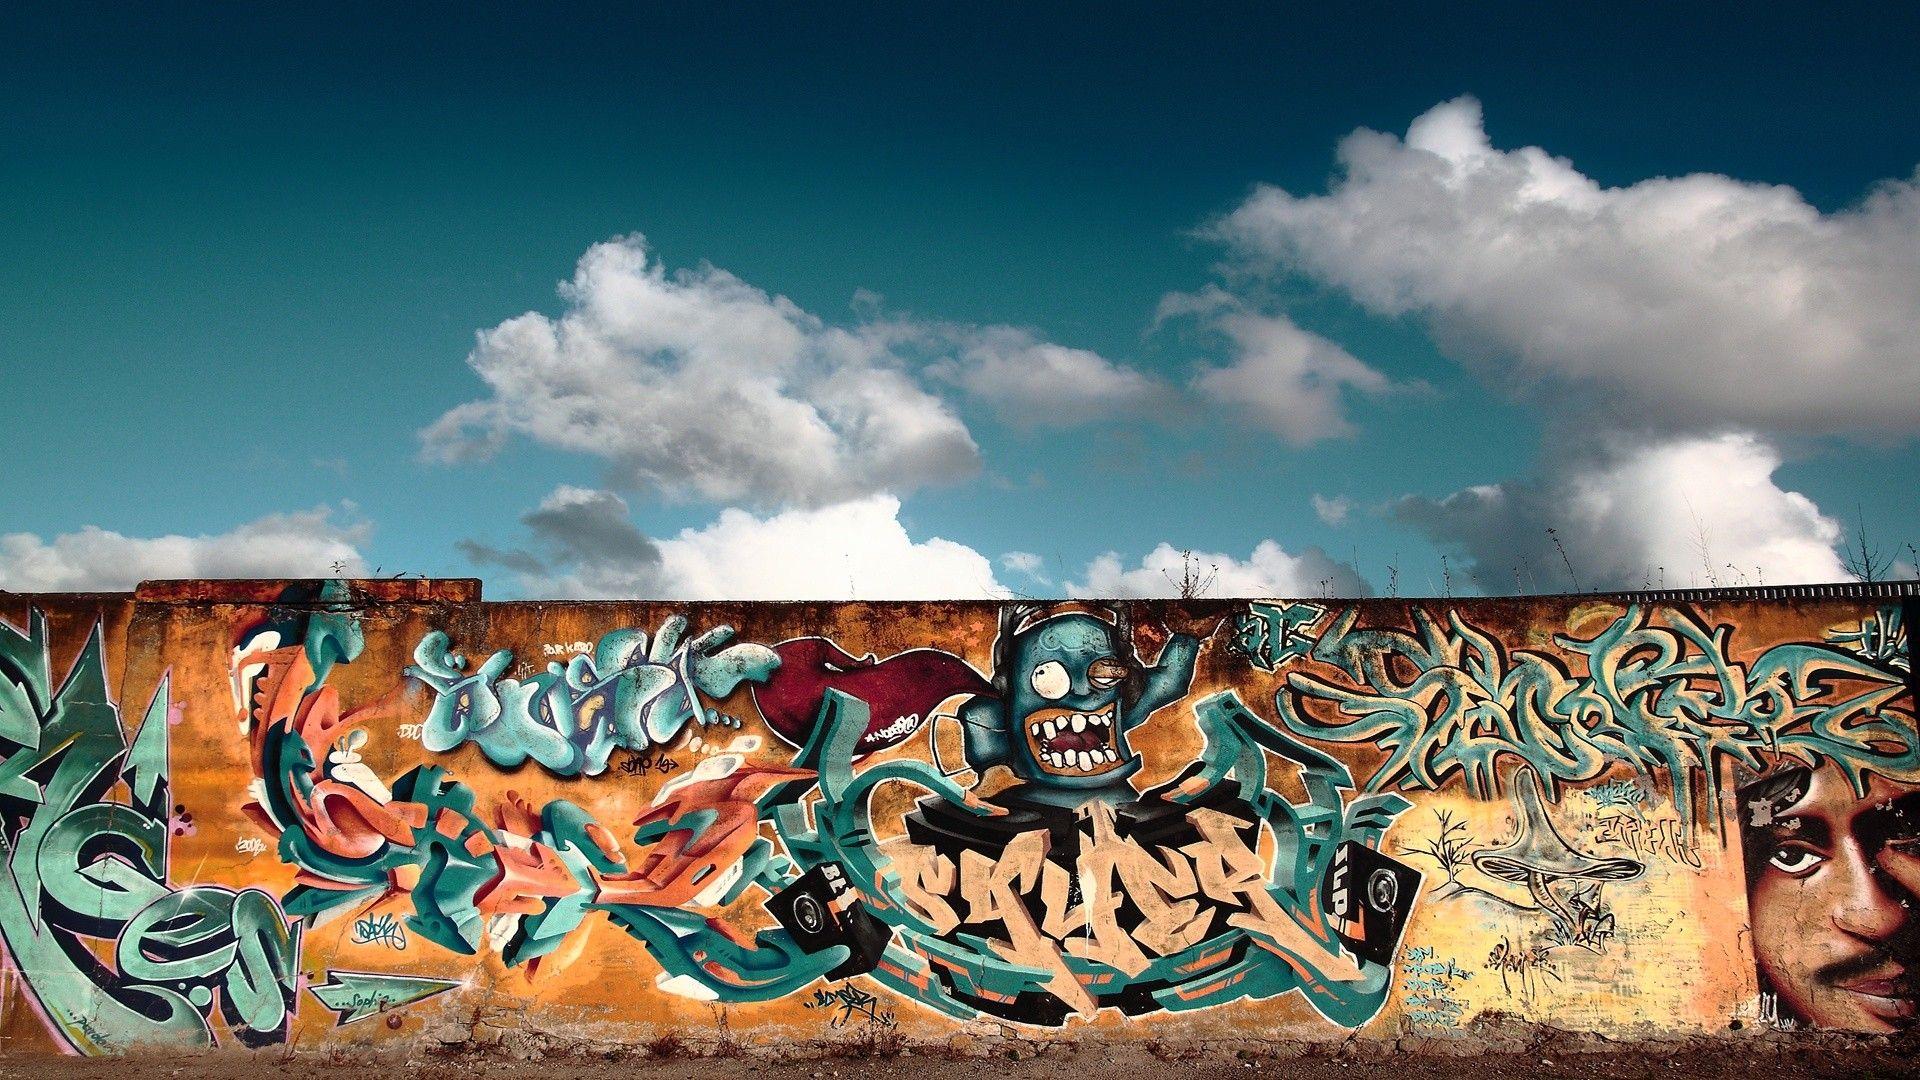 Street Art High Definition